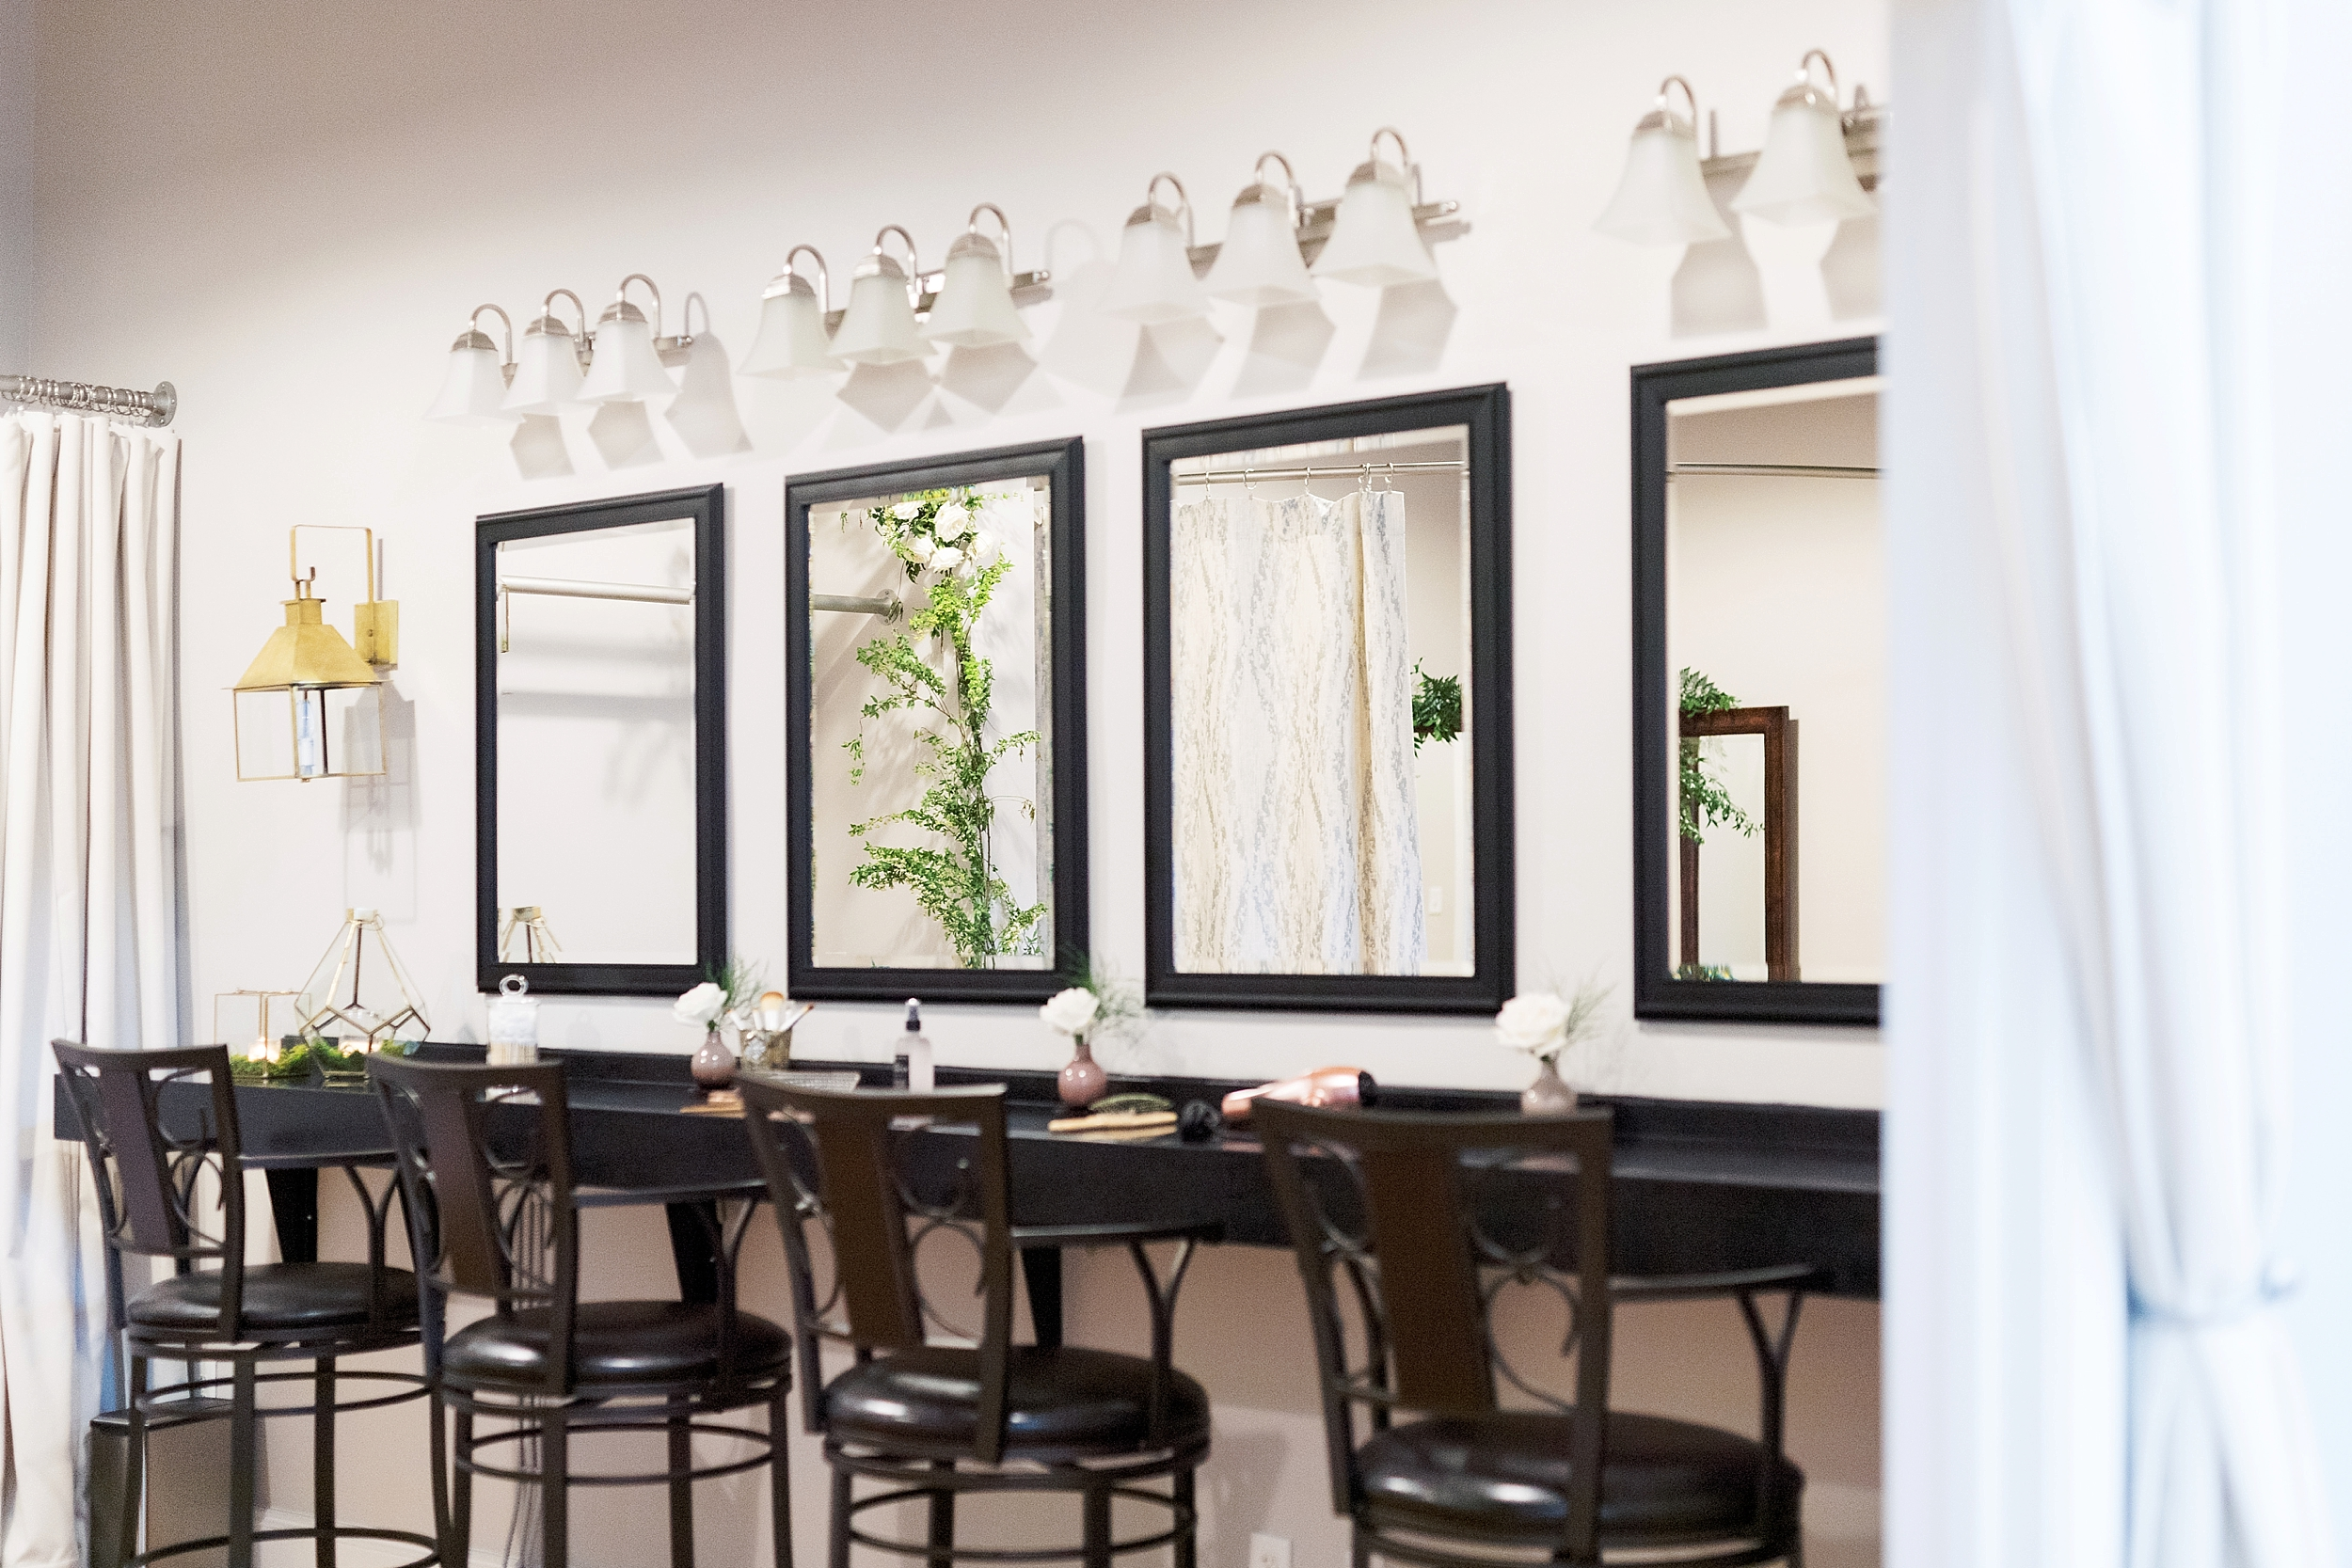 Greensboro Wedding Venue, The Colonnade, Bridal Suite_0765.jpg